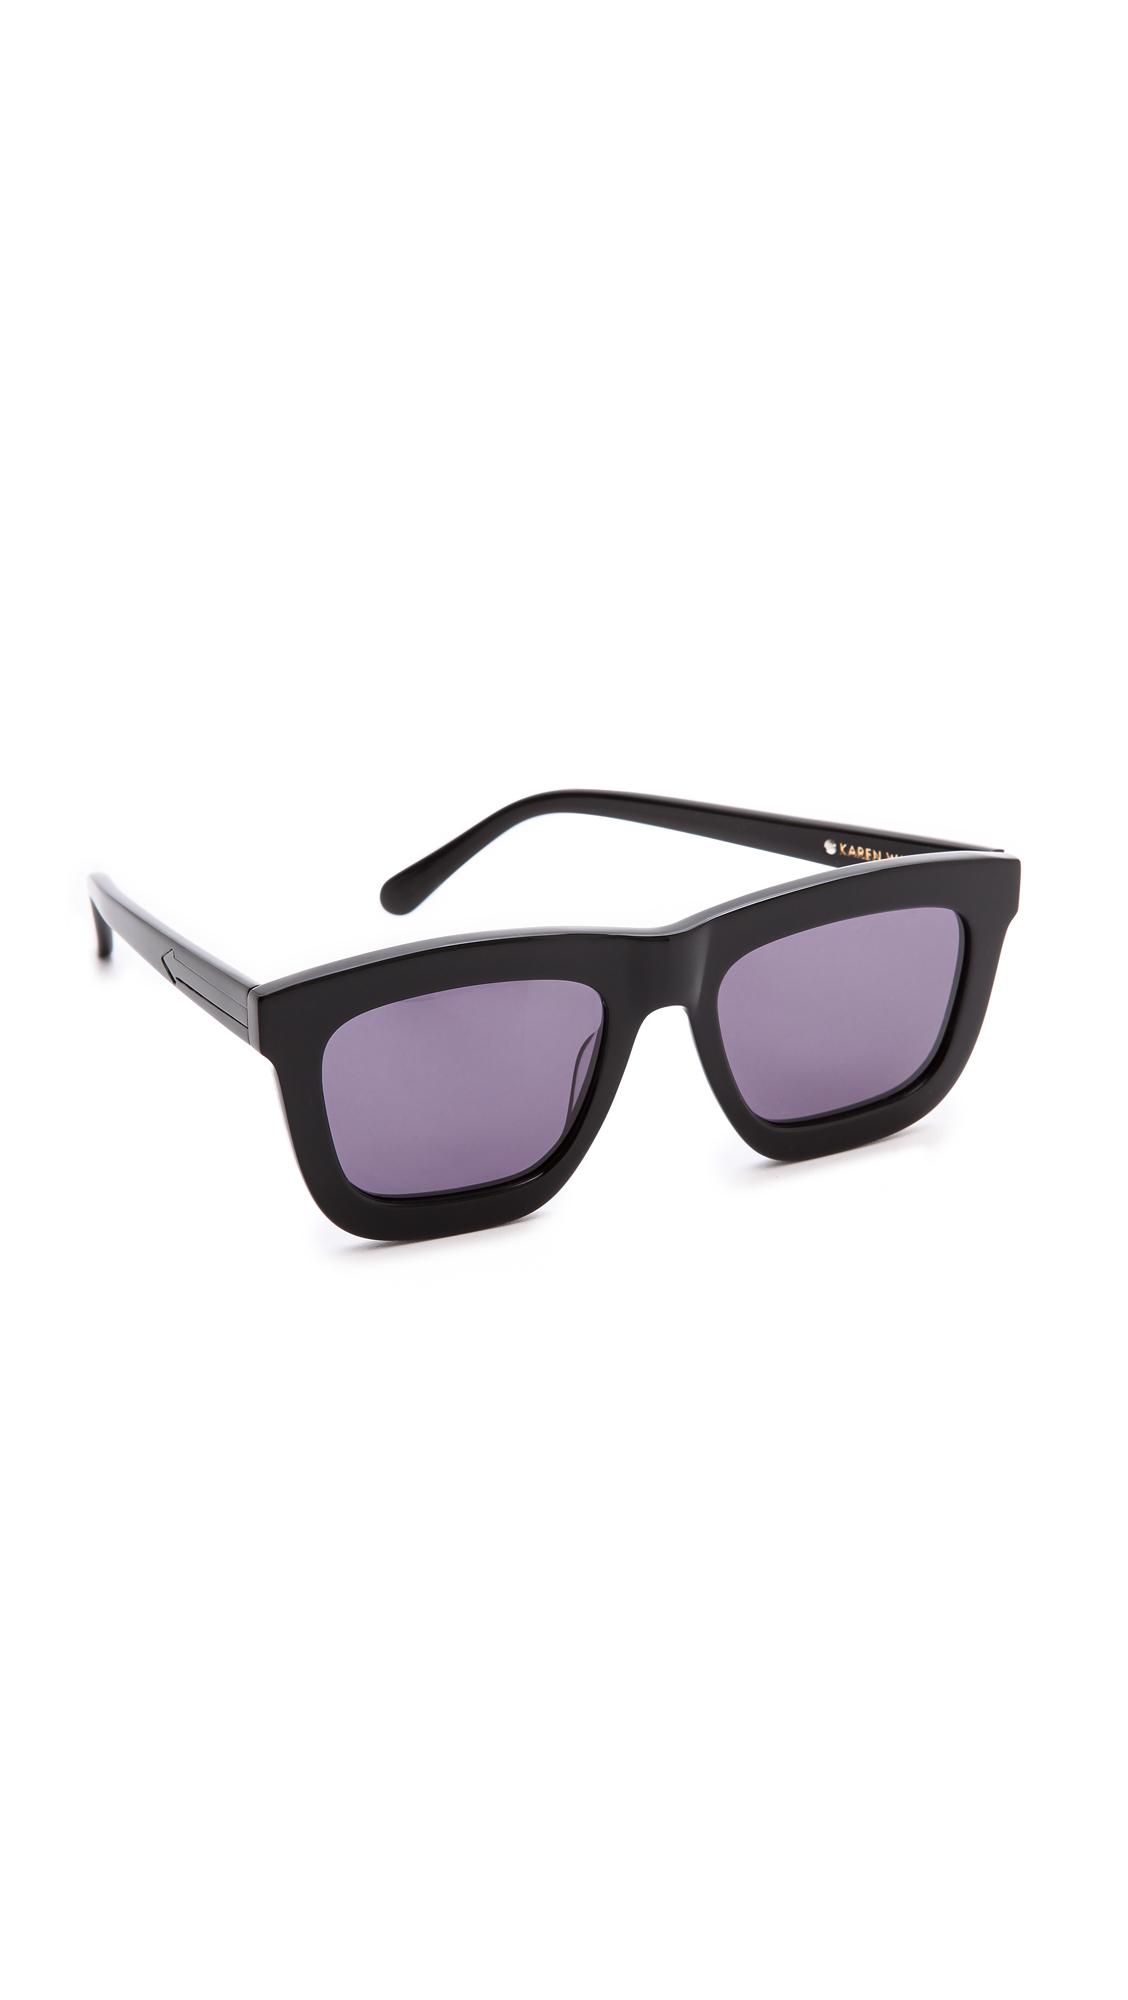 a4be79ae113 Karen Walker Deep Worship Sunglasses